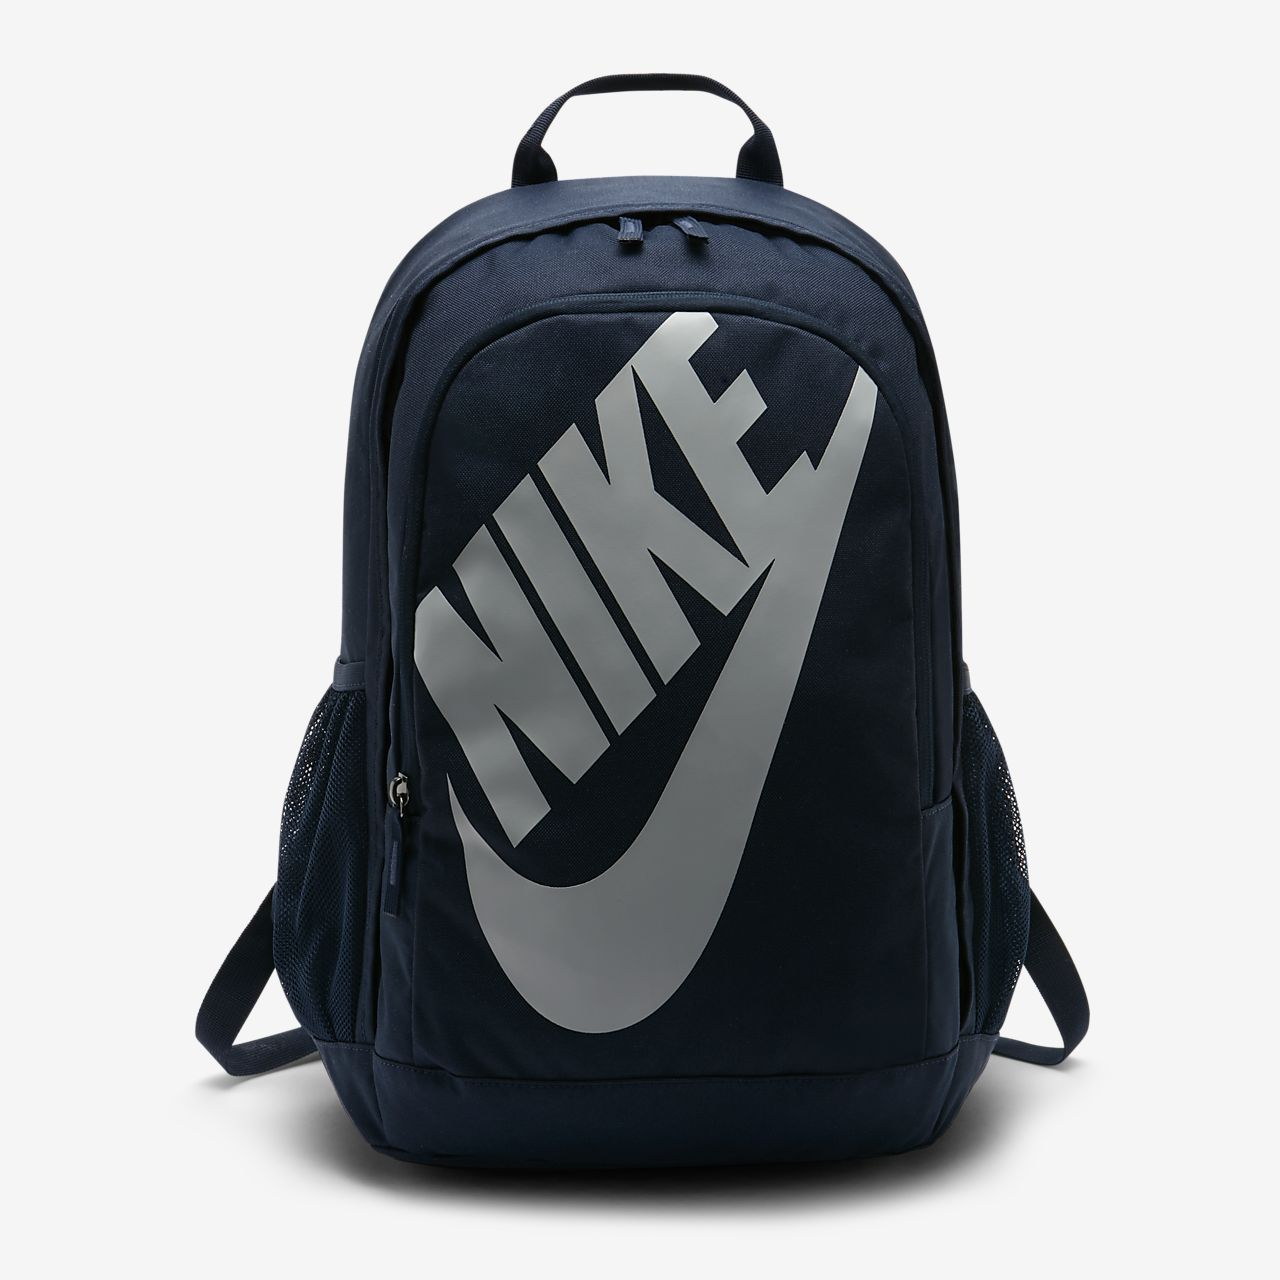 Mochila Nike Sportswear AF1. Nike MX